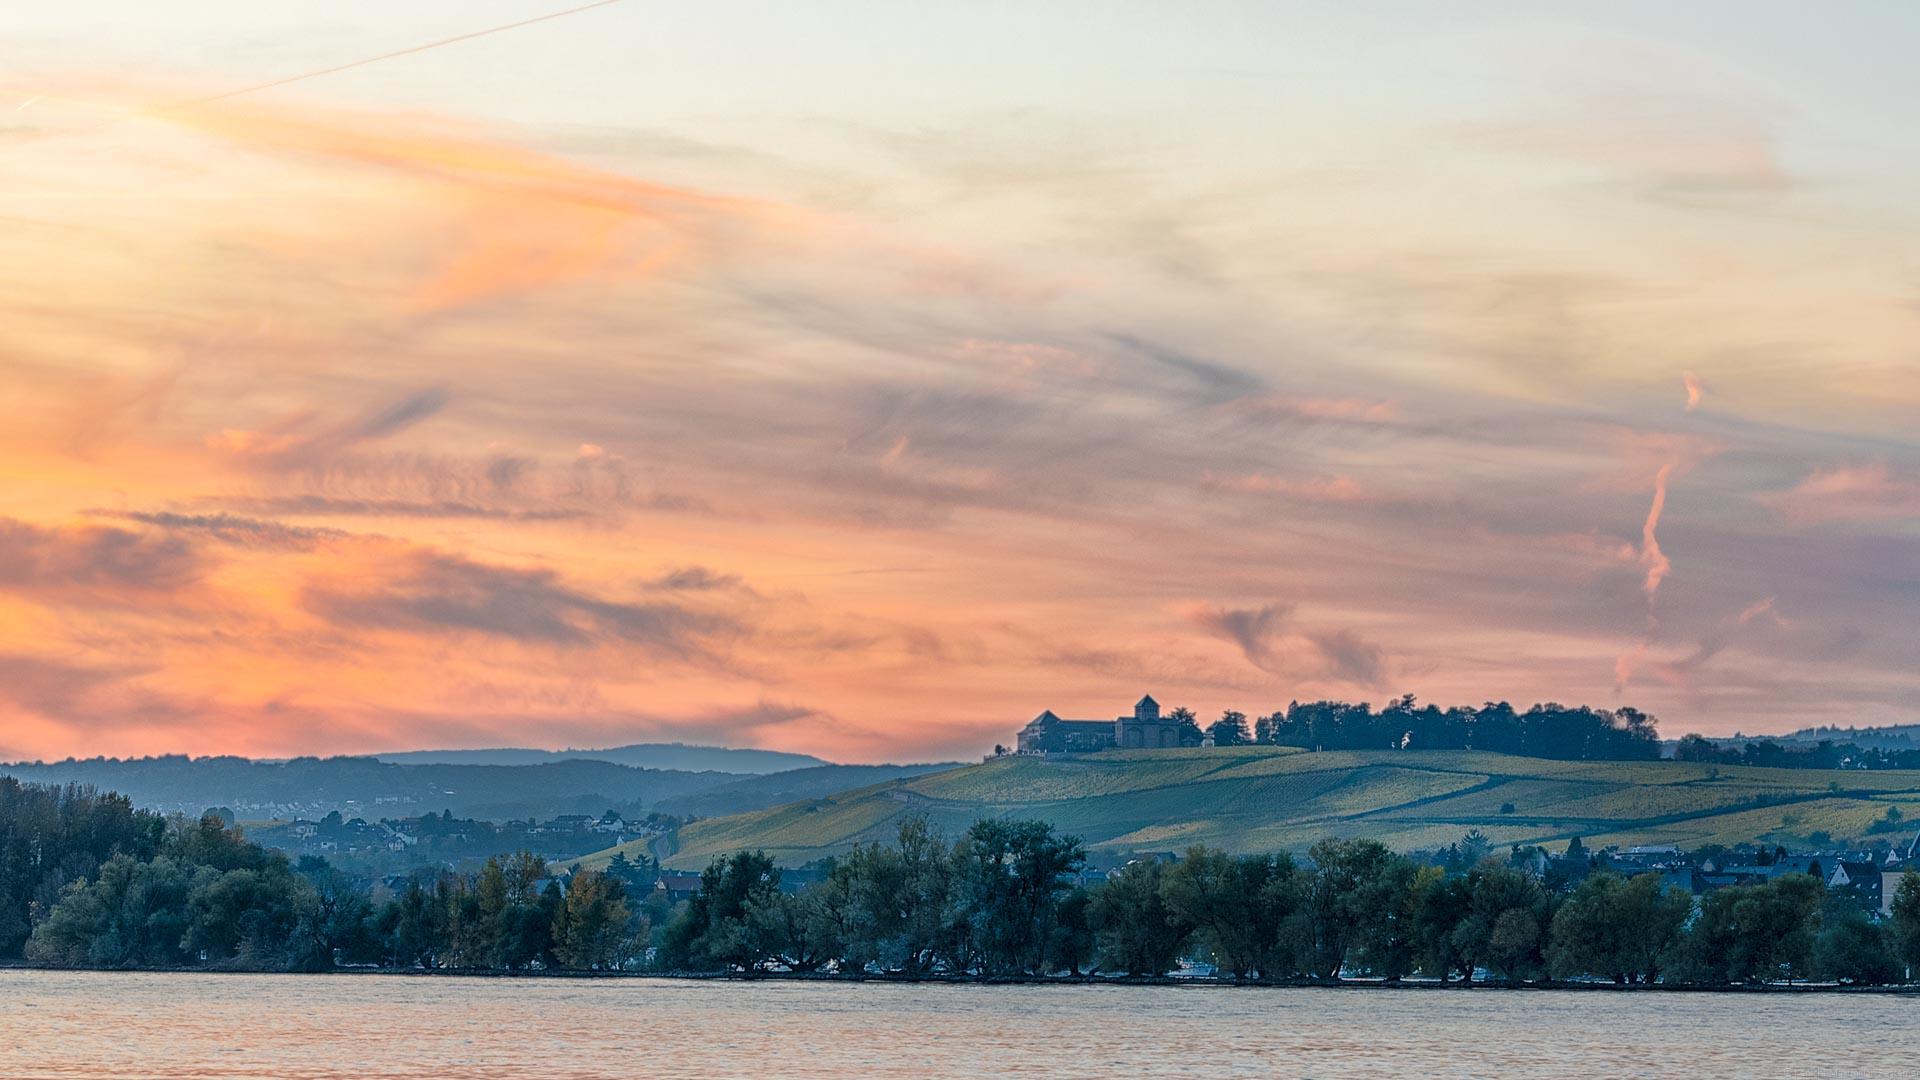 Fluss Rhein im Vordergrund, Ufer mit Bäumen und Ort Oestrich-Weinkel, Weinberg mit herbstlicher Färbung dahiner, Gebäude auf Weinberg, feurig roter Himmel am späten Abend